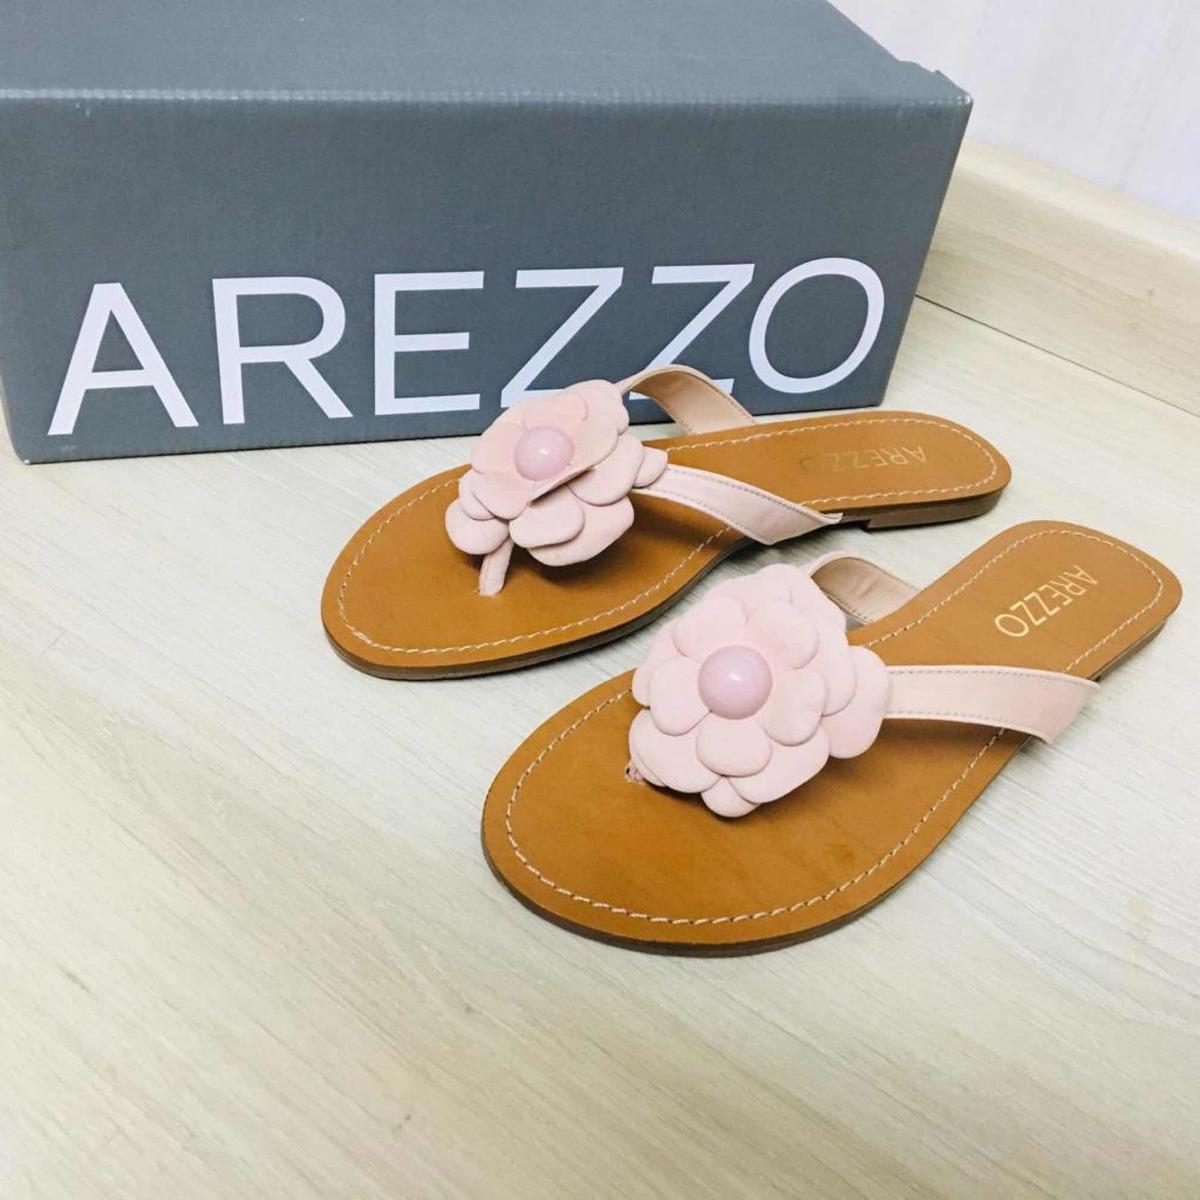 99225446f sandália chinelo rasteira arezzo nobuck flor sugar pink novo. Carregando  zoom.